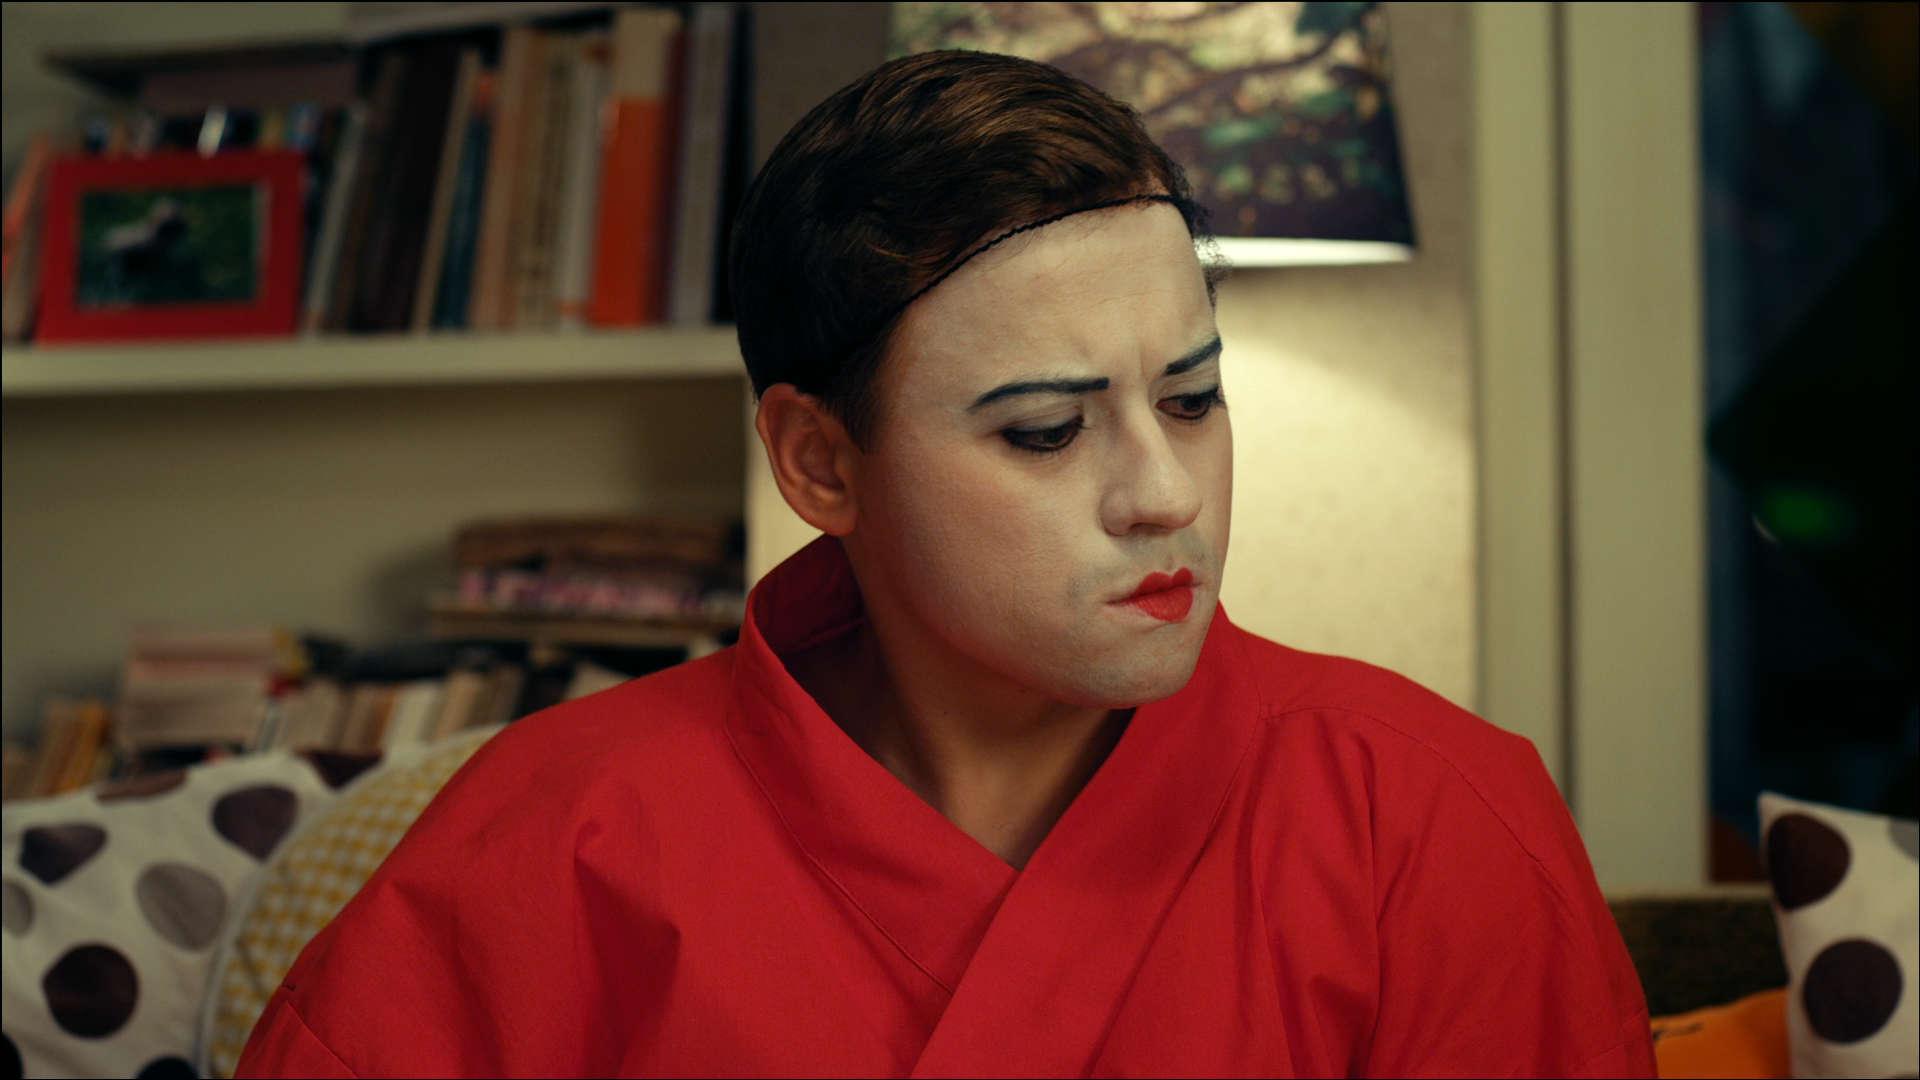 кадр из комедийного телесериала «СашаТаня»